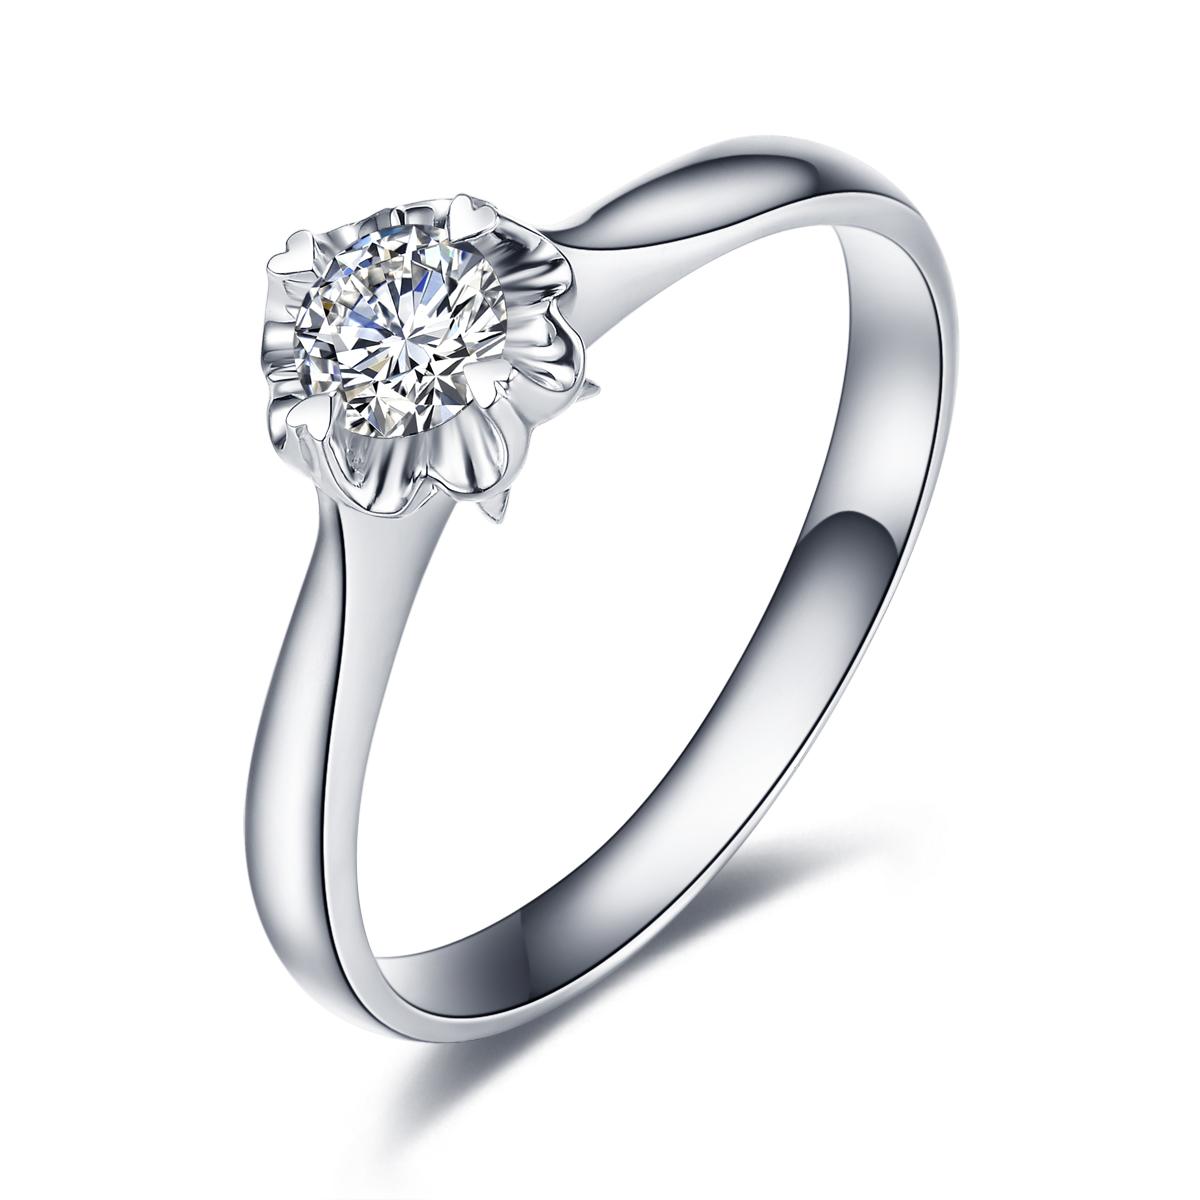 钻石鉴定证书查询 钻石鉴定证书的特点